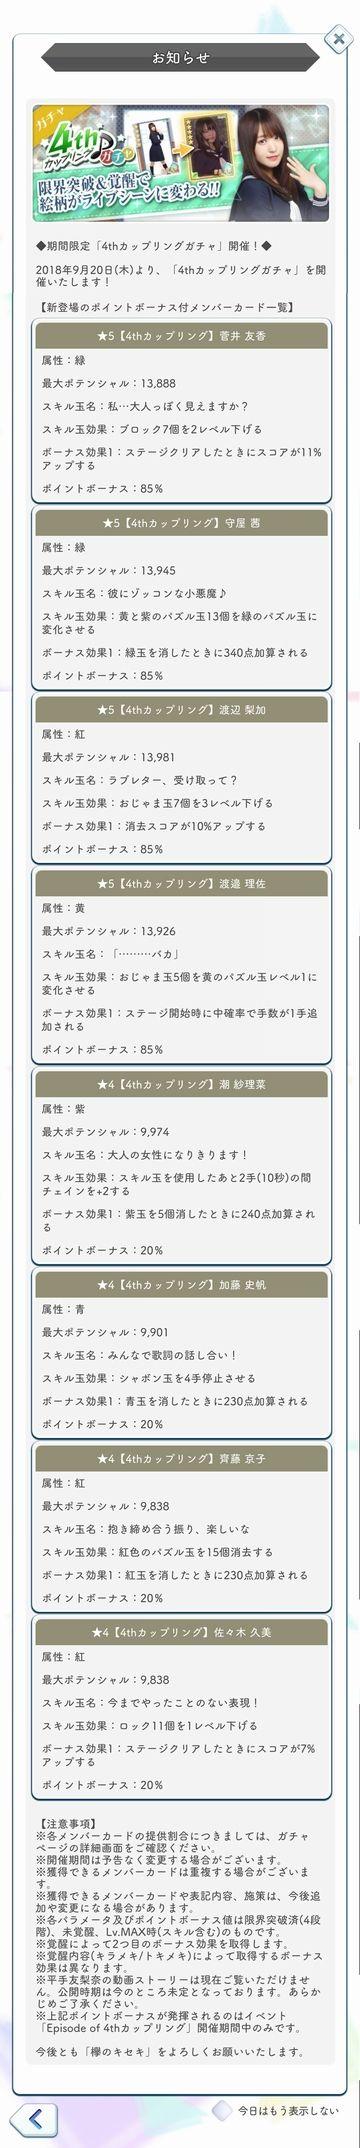 00 4thCW ガチャ詳細